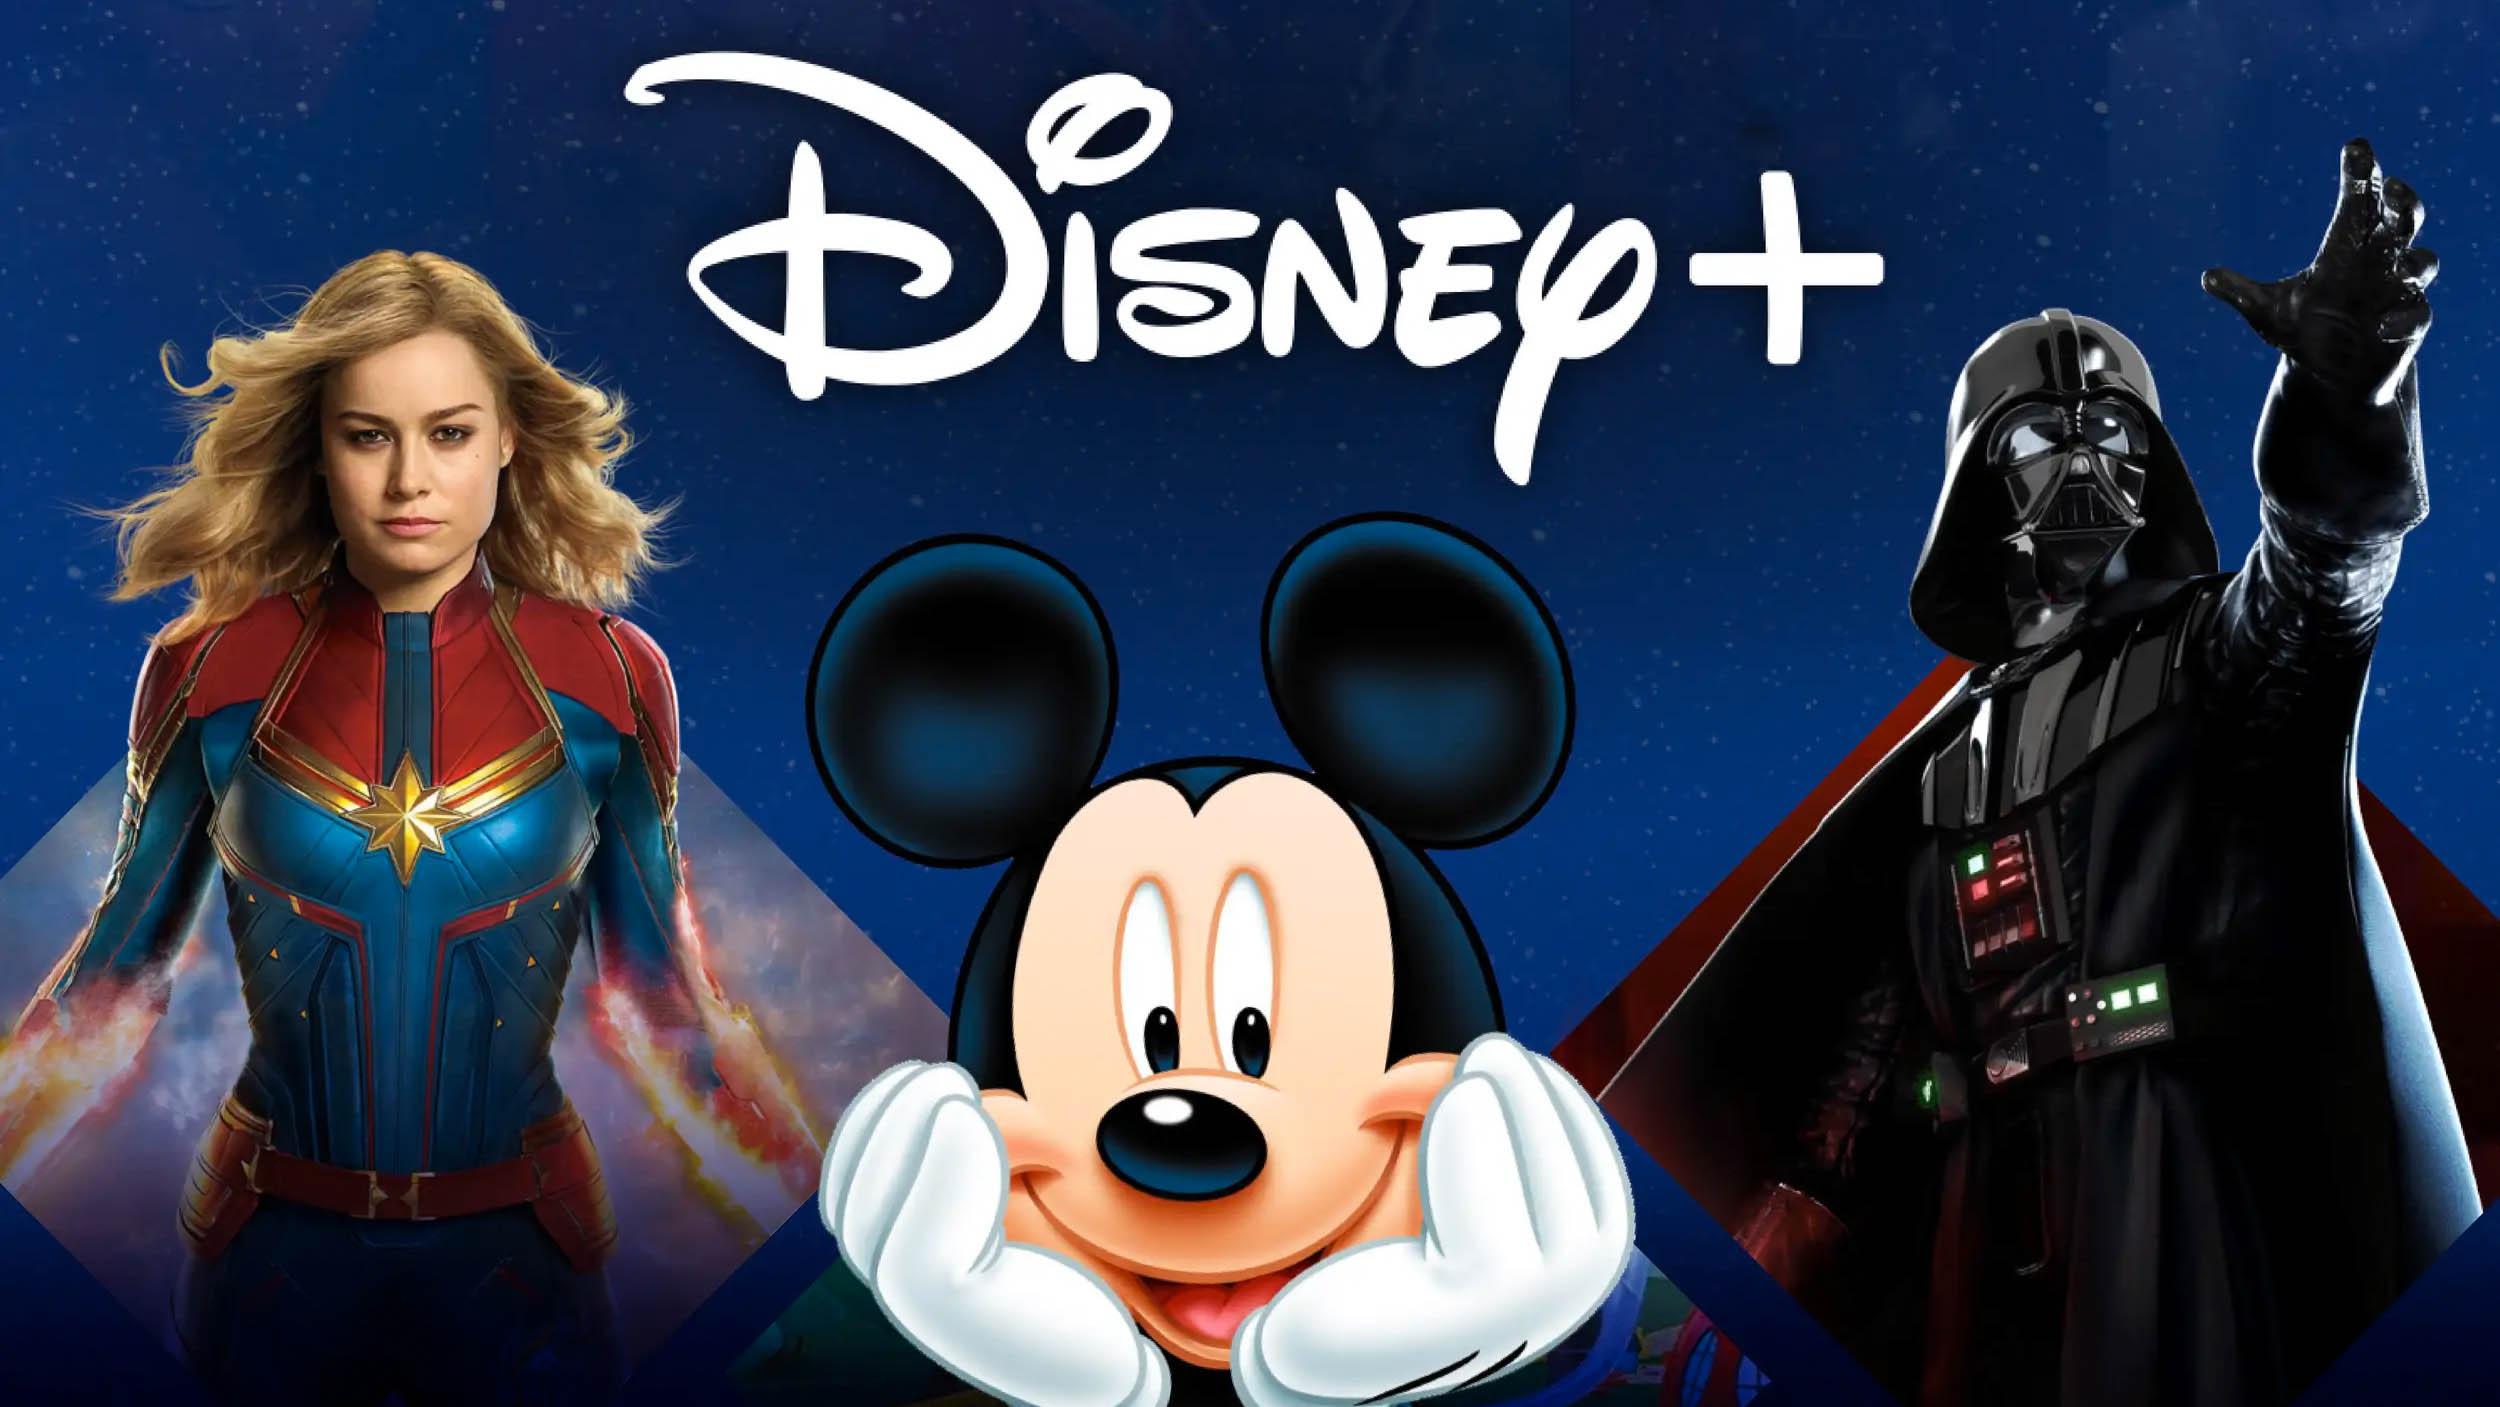 Disney оприлюднила повний розклад своїх фільмів і серіалів на 2021-й рік